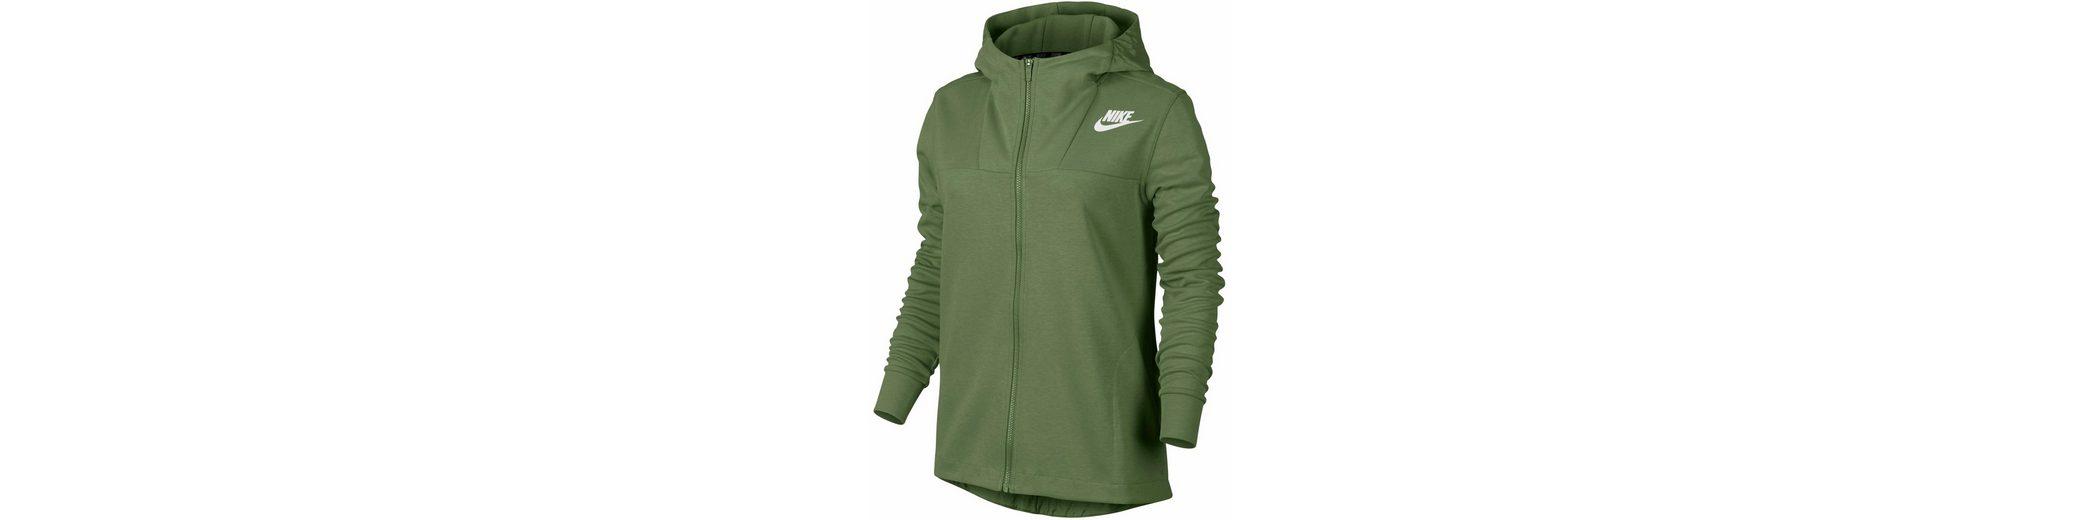 Nike Sportswear Kapuzensweatjacke WOMEN NSW AV15 CAPE Freies Verschiffen Vermarktbare JEc4EHC